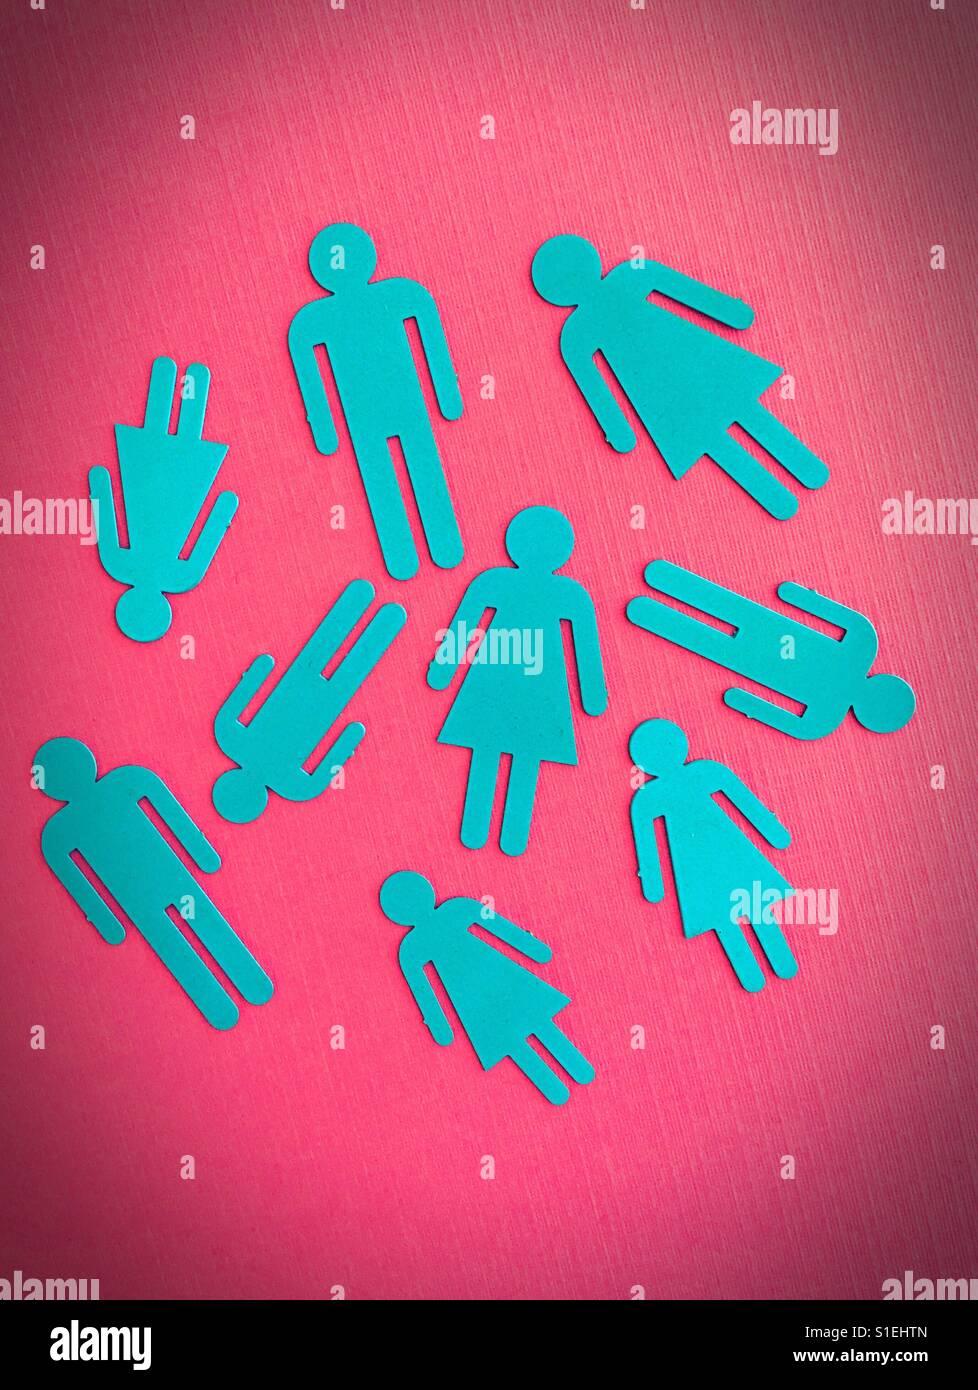 Recorte las siluetas de las figuras masculinas y femeninas. Imagen De Stock